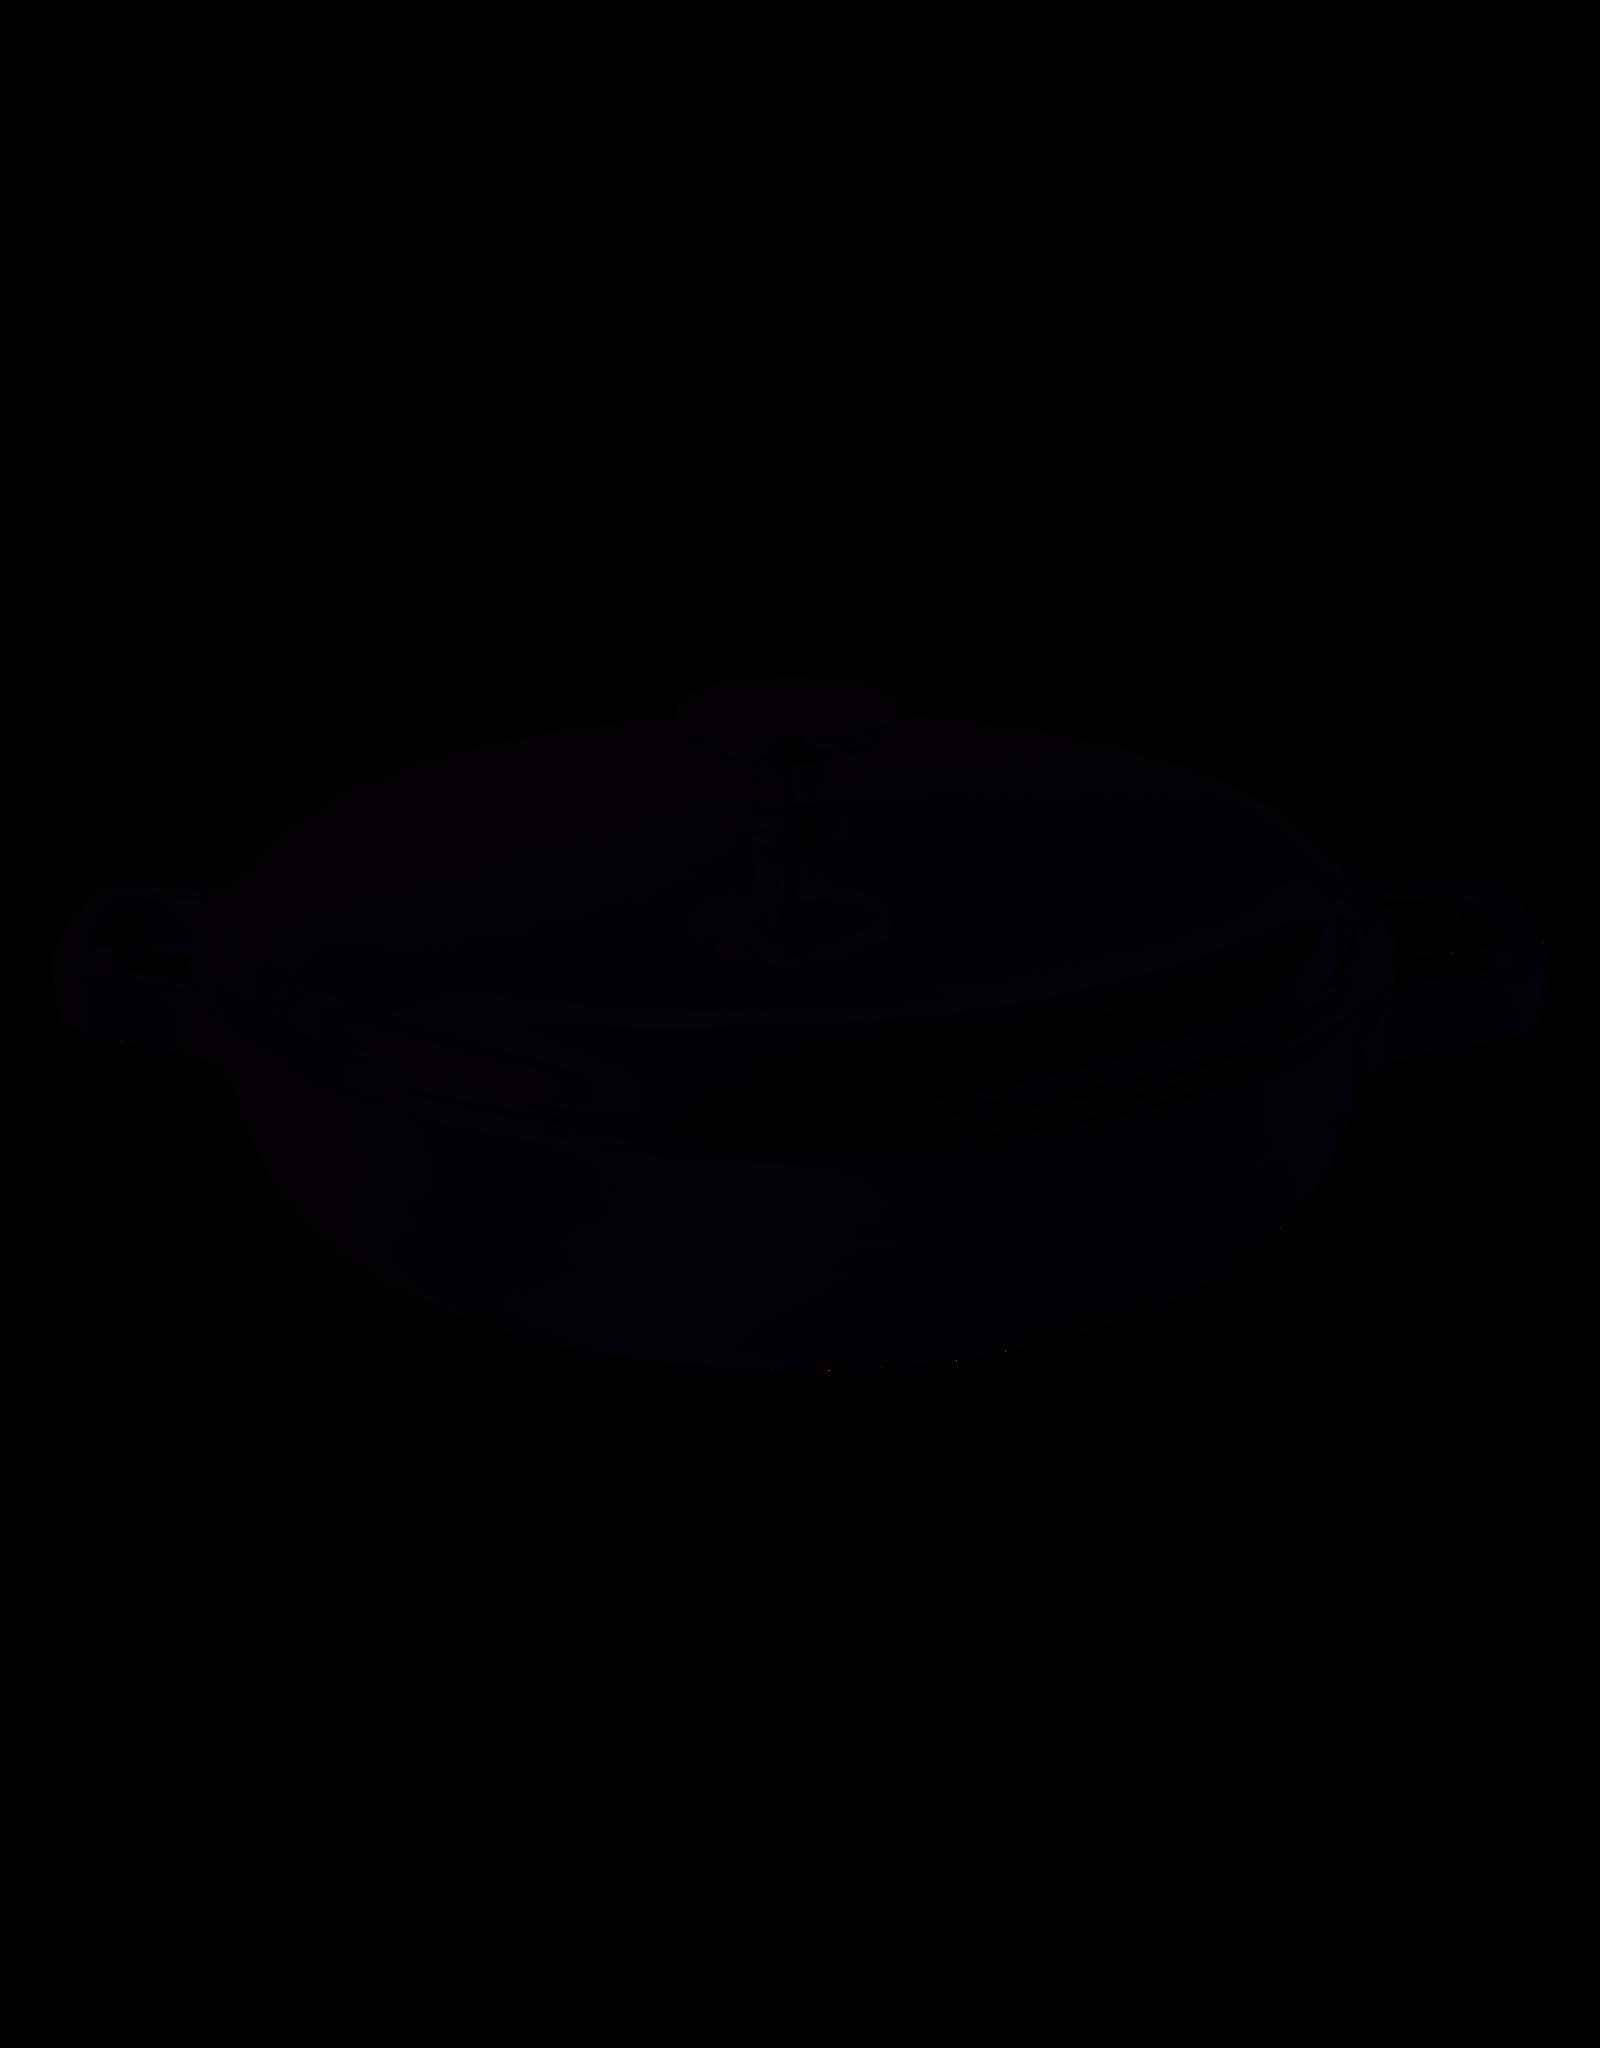 BERGHOFF Berghoff Braadpan 28 cm laag incl. deksel Gietijzer - BergHOFF Gem